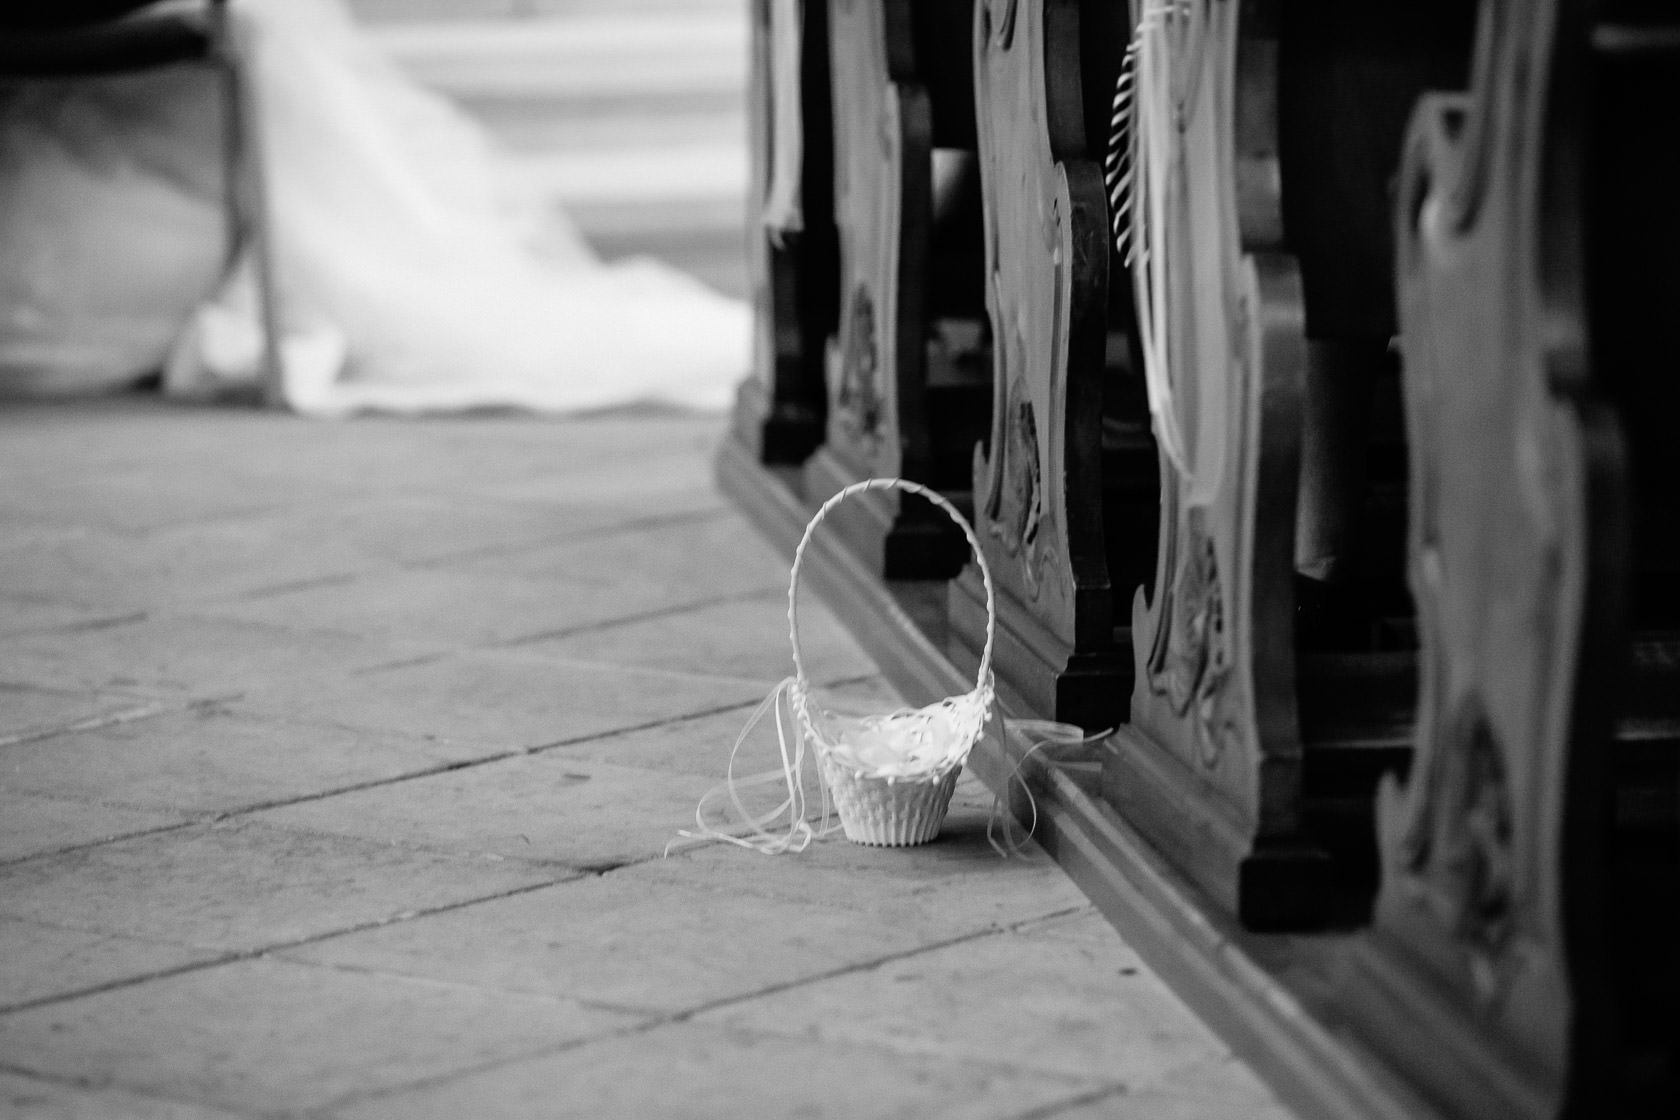 Hochzeit von Carmen und Dirk in Bad Kreuznach Trauung in der Pauluskirche Momente und Details